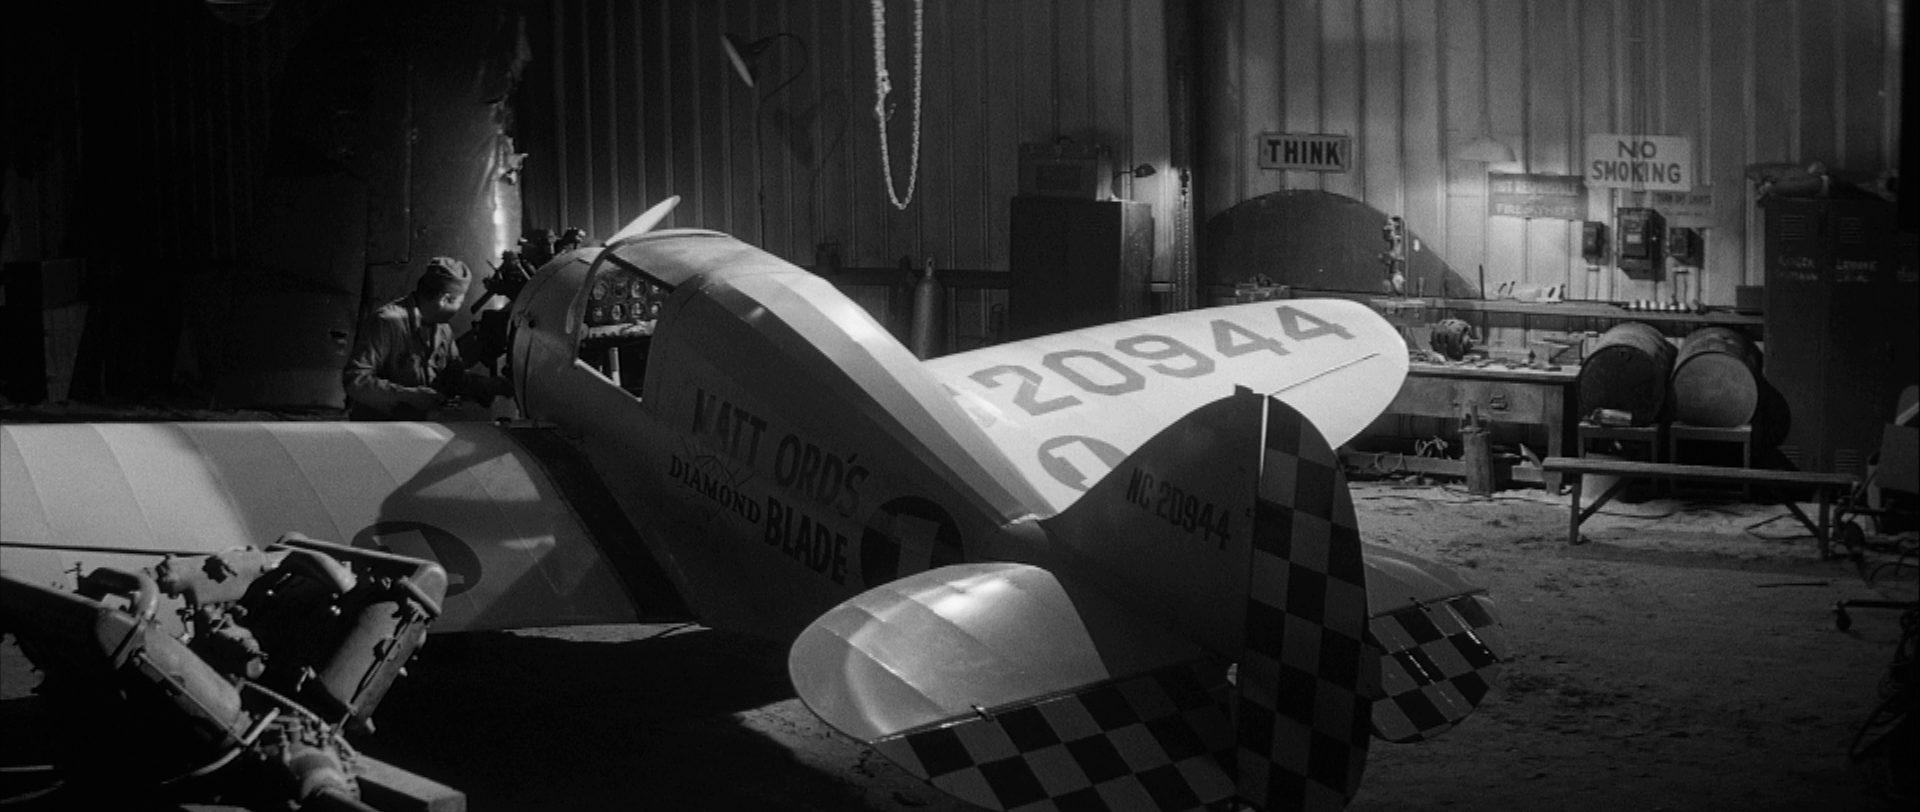 Szene aus 'Duell in den Wolken(1957)', Copyright: Universal Pictures